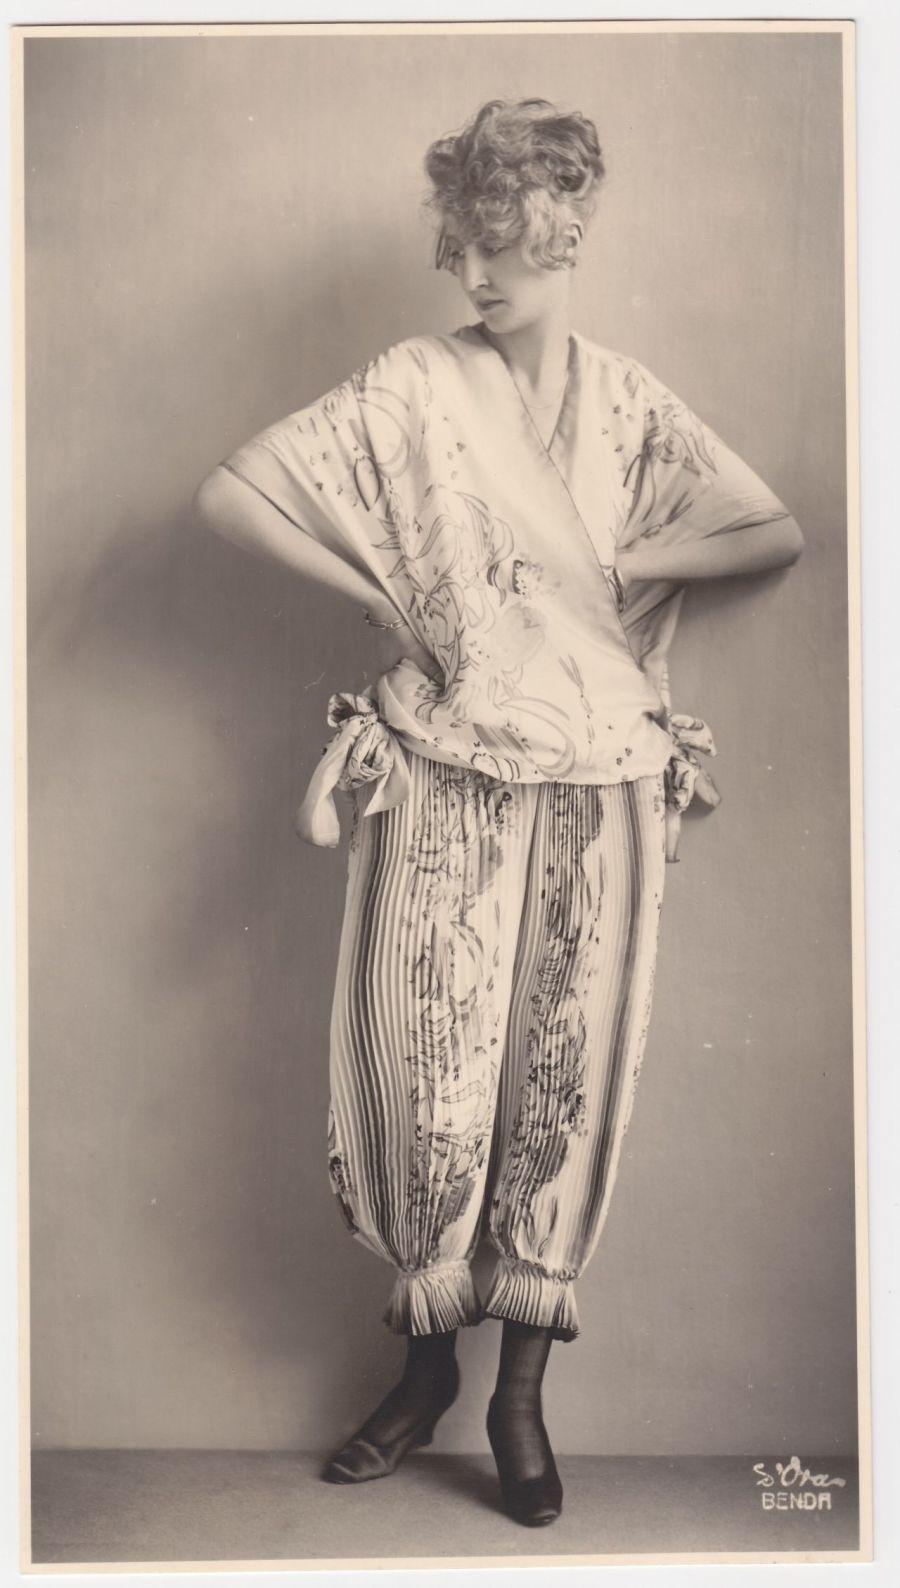 Atelier d'Ora: Ein Morgengewand der Wiener Werkstätte, entworfen von Eduard Josef Wimmer-Wisgrill, 1919 (Abzug später). Sammlung Frank, Landesgalerie Linz;